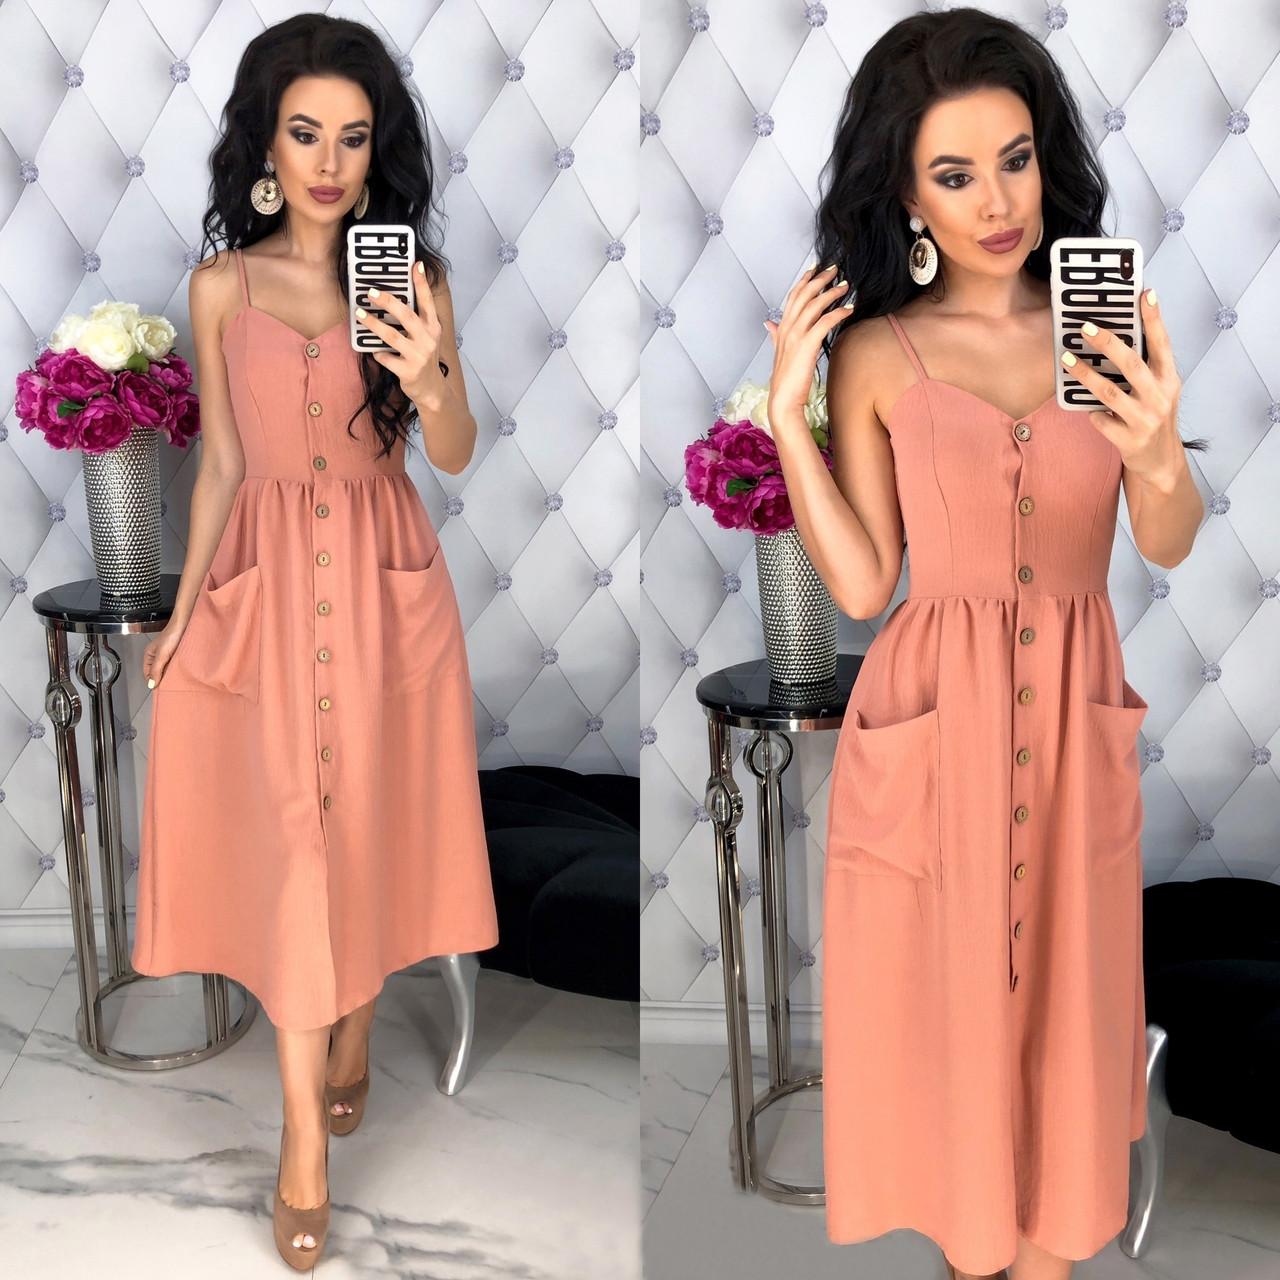 Женское платье из легкой, летней, слегка жатой ткани